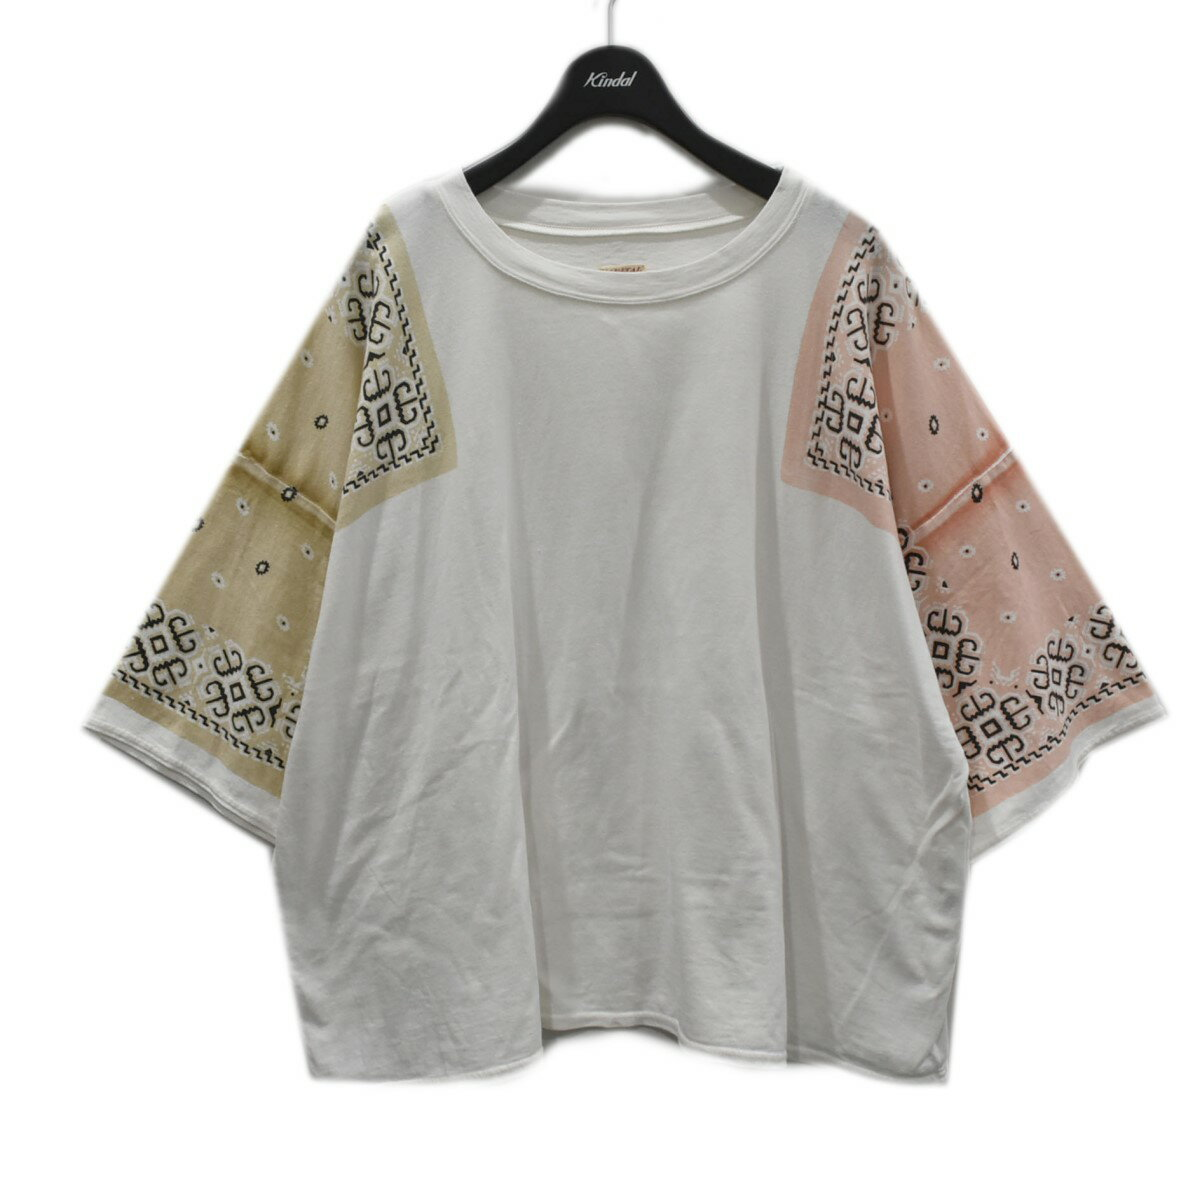 トップス, Tシャツ・カットソー KAPITAL BANDANA tee T K1906SC862 1 220321